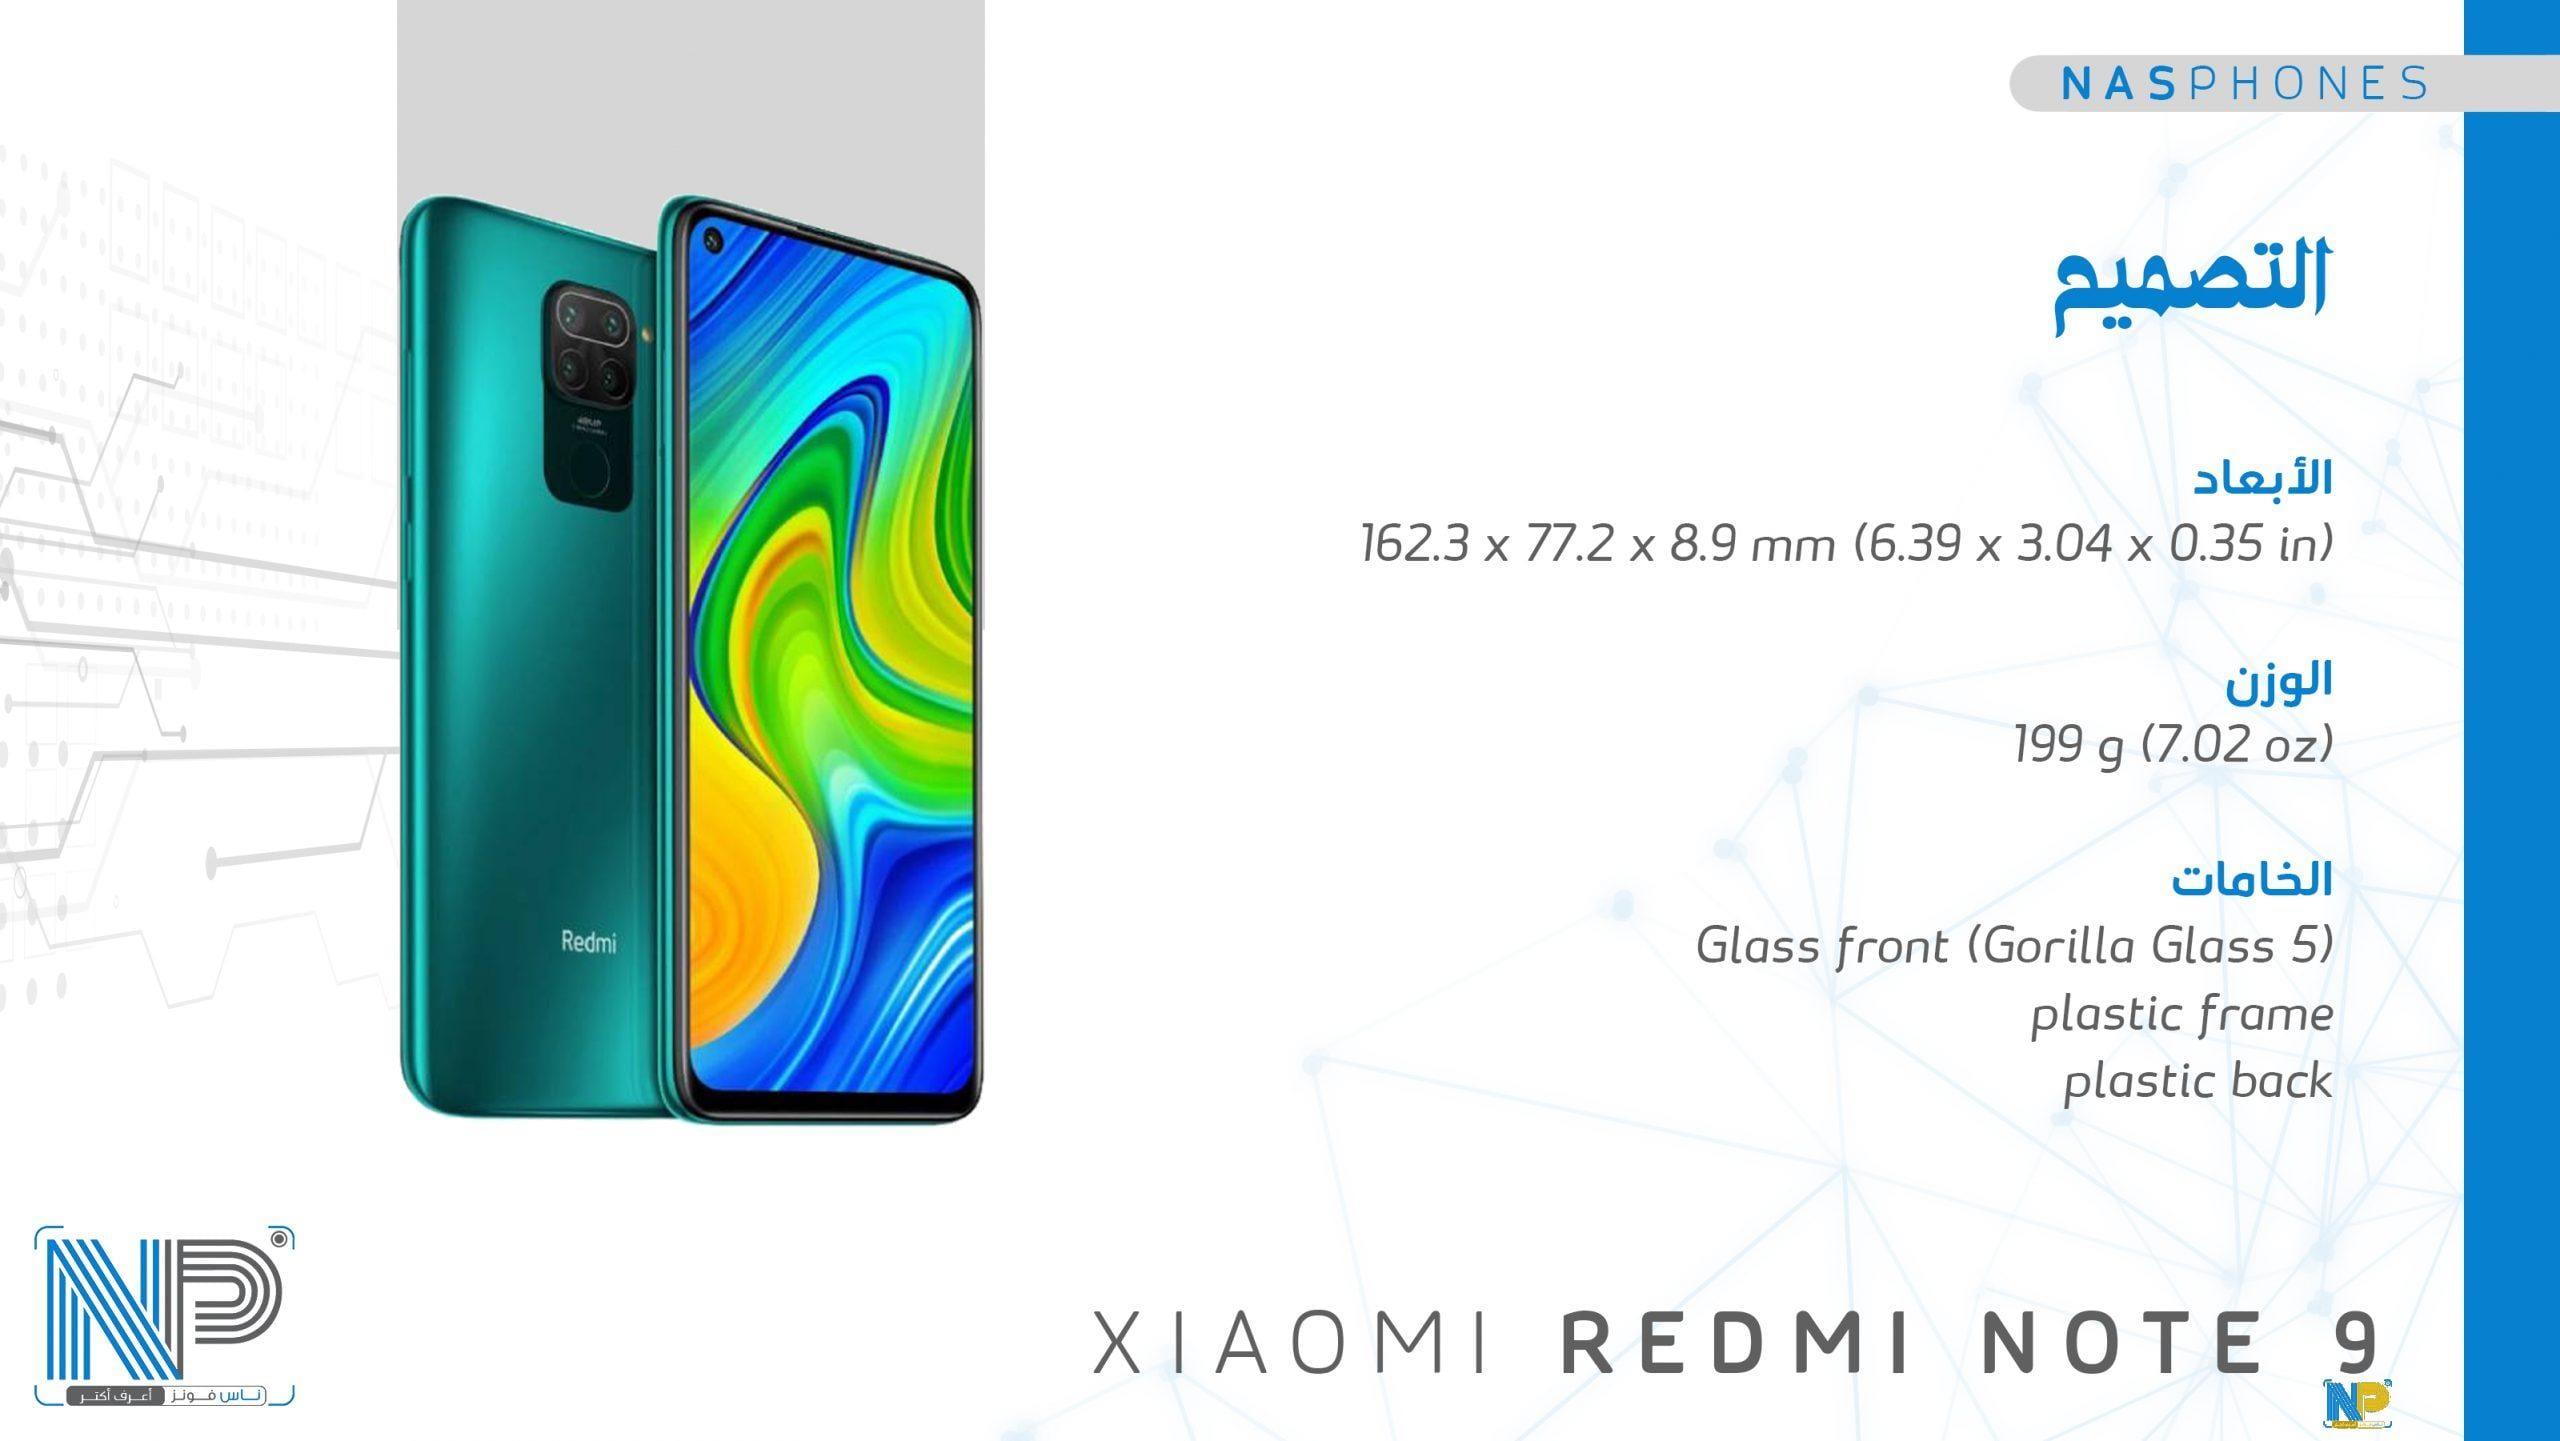 تصميم موبايل Xiaomi Redmi Note 9